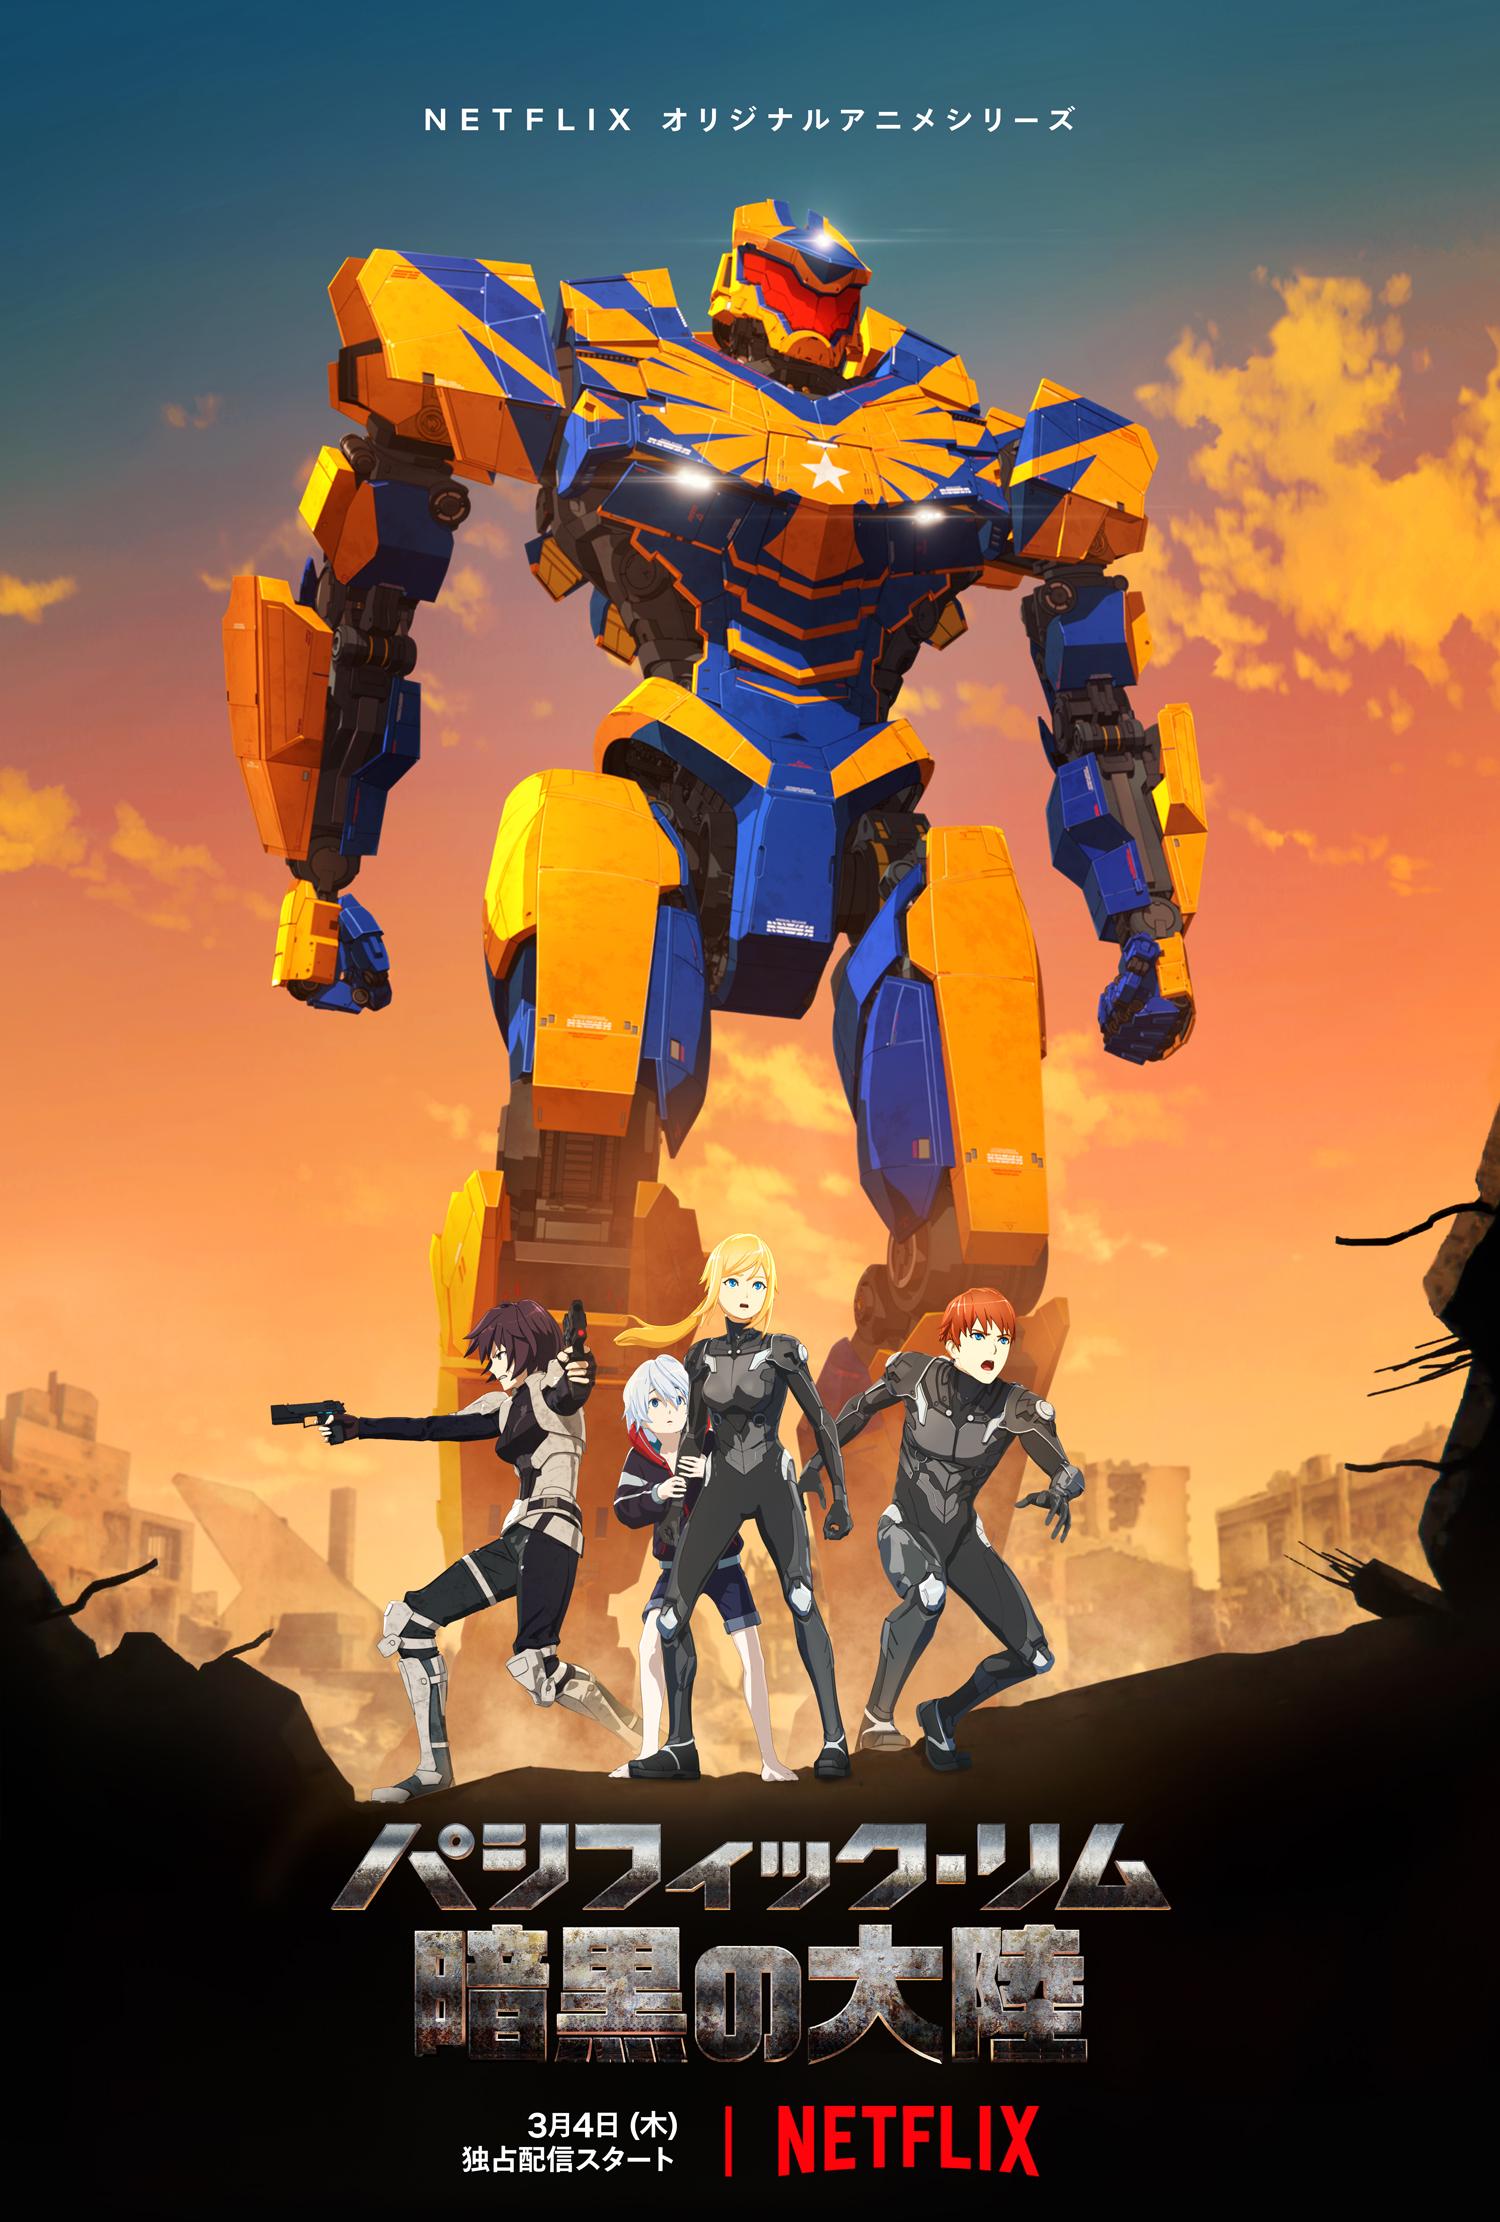 """Con el Jaeger """"Destructor Atlas"""" Elevándose en el fondo, los personajes principales de Pacific Rim: The Black se enfrentan al entorno hostil del interior de Australia en una nueva imagen clave para el lanzamiento japonés del anime original de Netflix."""